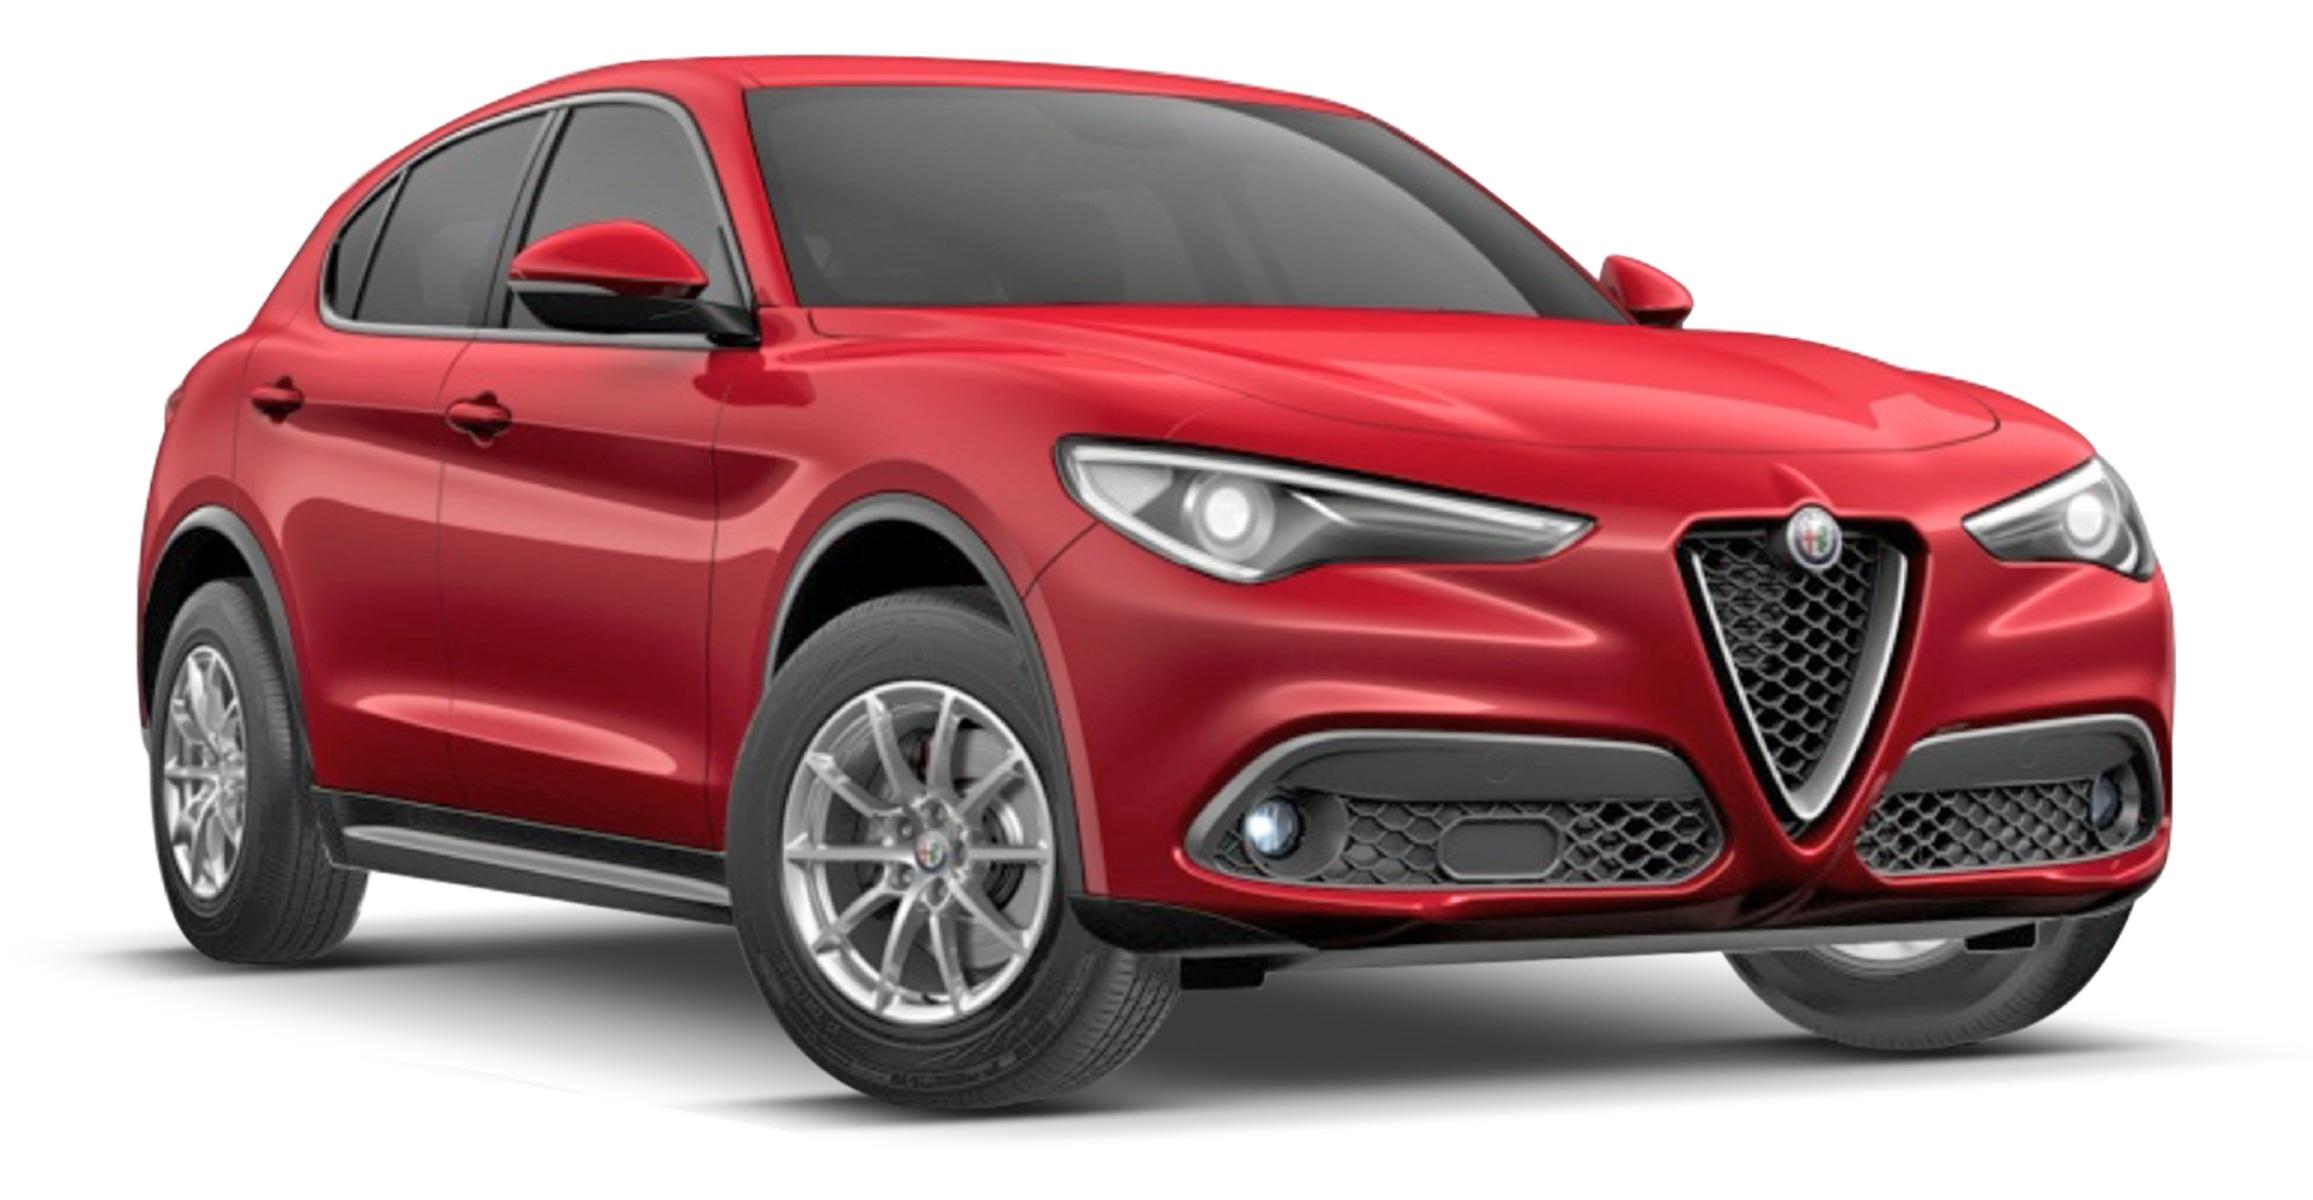 Opel Jeep 2017 >> Listino Alfa Romeo Stelvio prezzo - scheda tecnica - consumi - foto - AlVolante.it